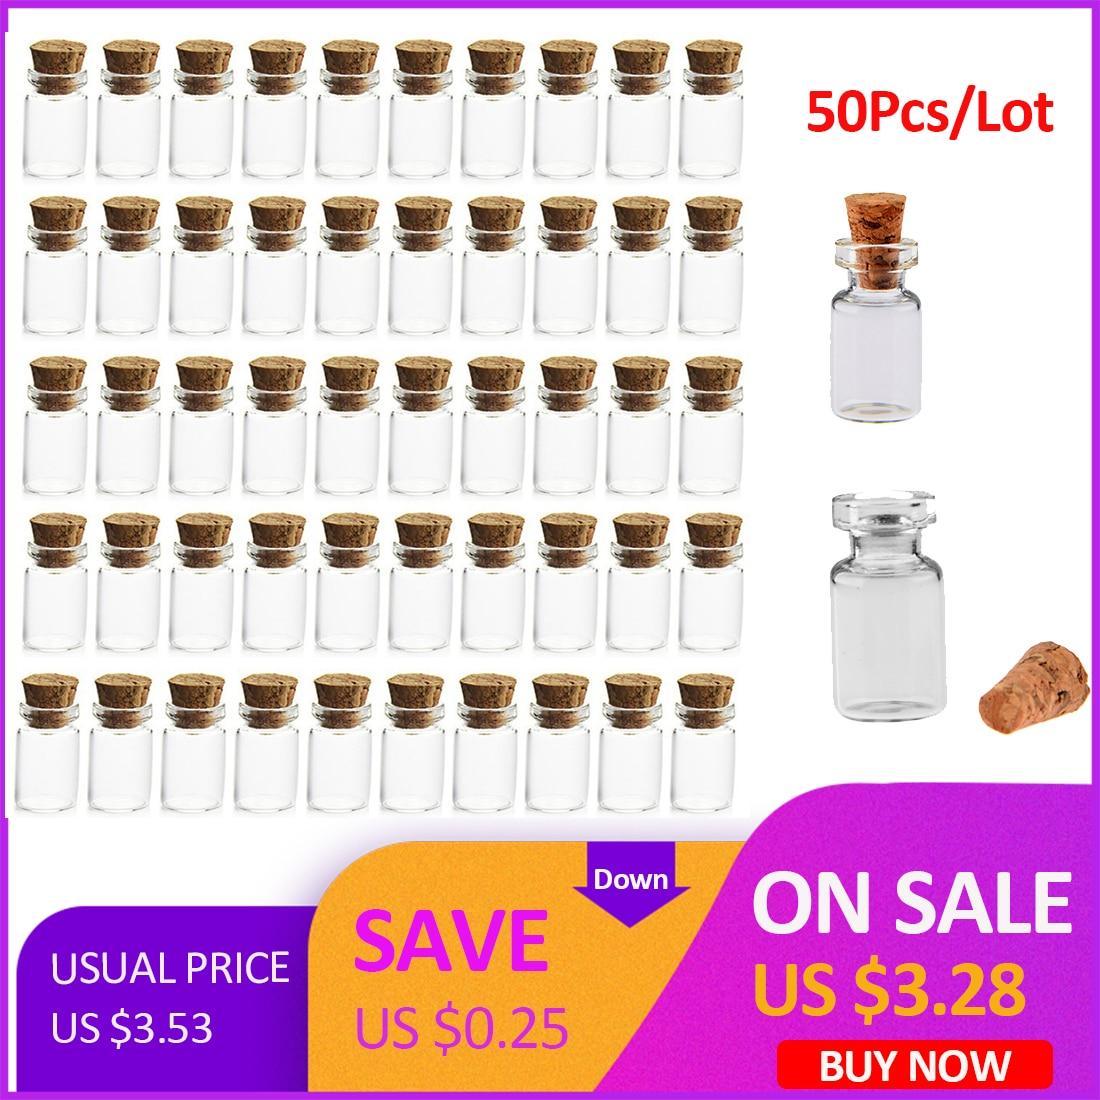 Wholesalemimi me shumicë Shishe shishe prej qelqi mini të pastër Kavanoza të zbrazëta me mostër ndalese Dasma për shishkë Dëshironi shishje të nxehtë